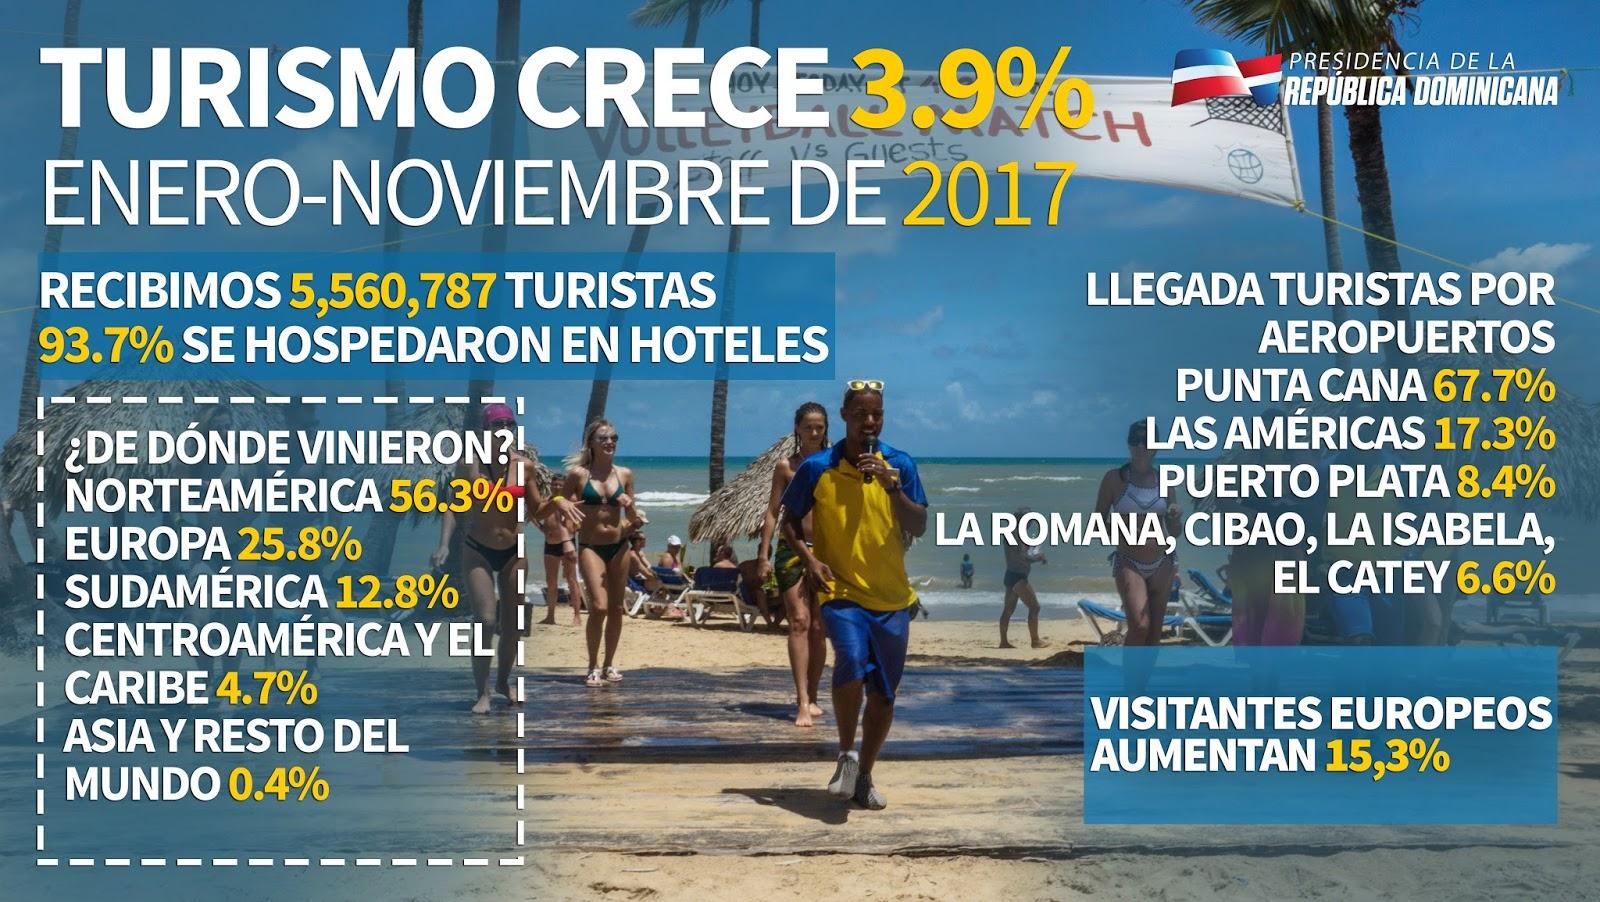 Turismo creció 3.9% enero-noviembre 2017